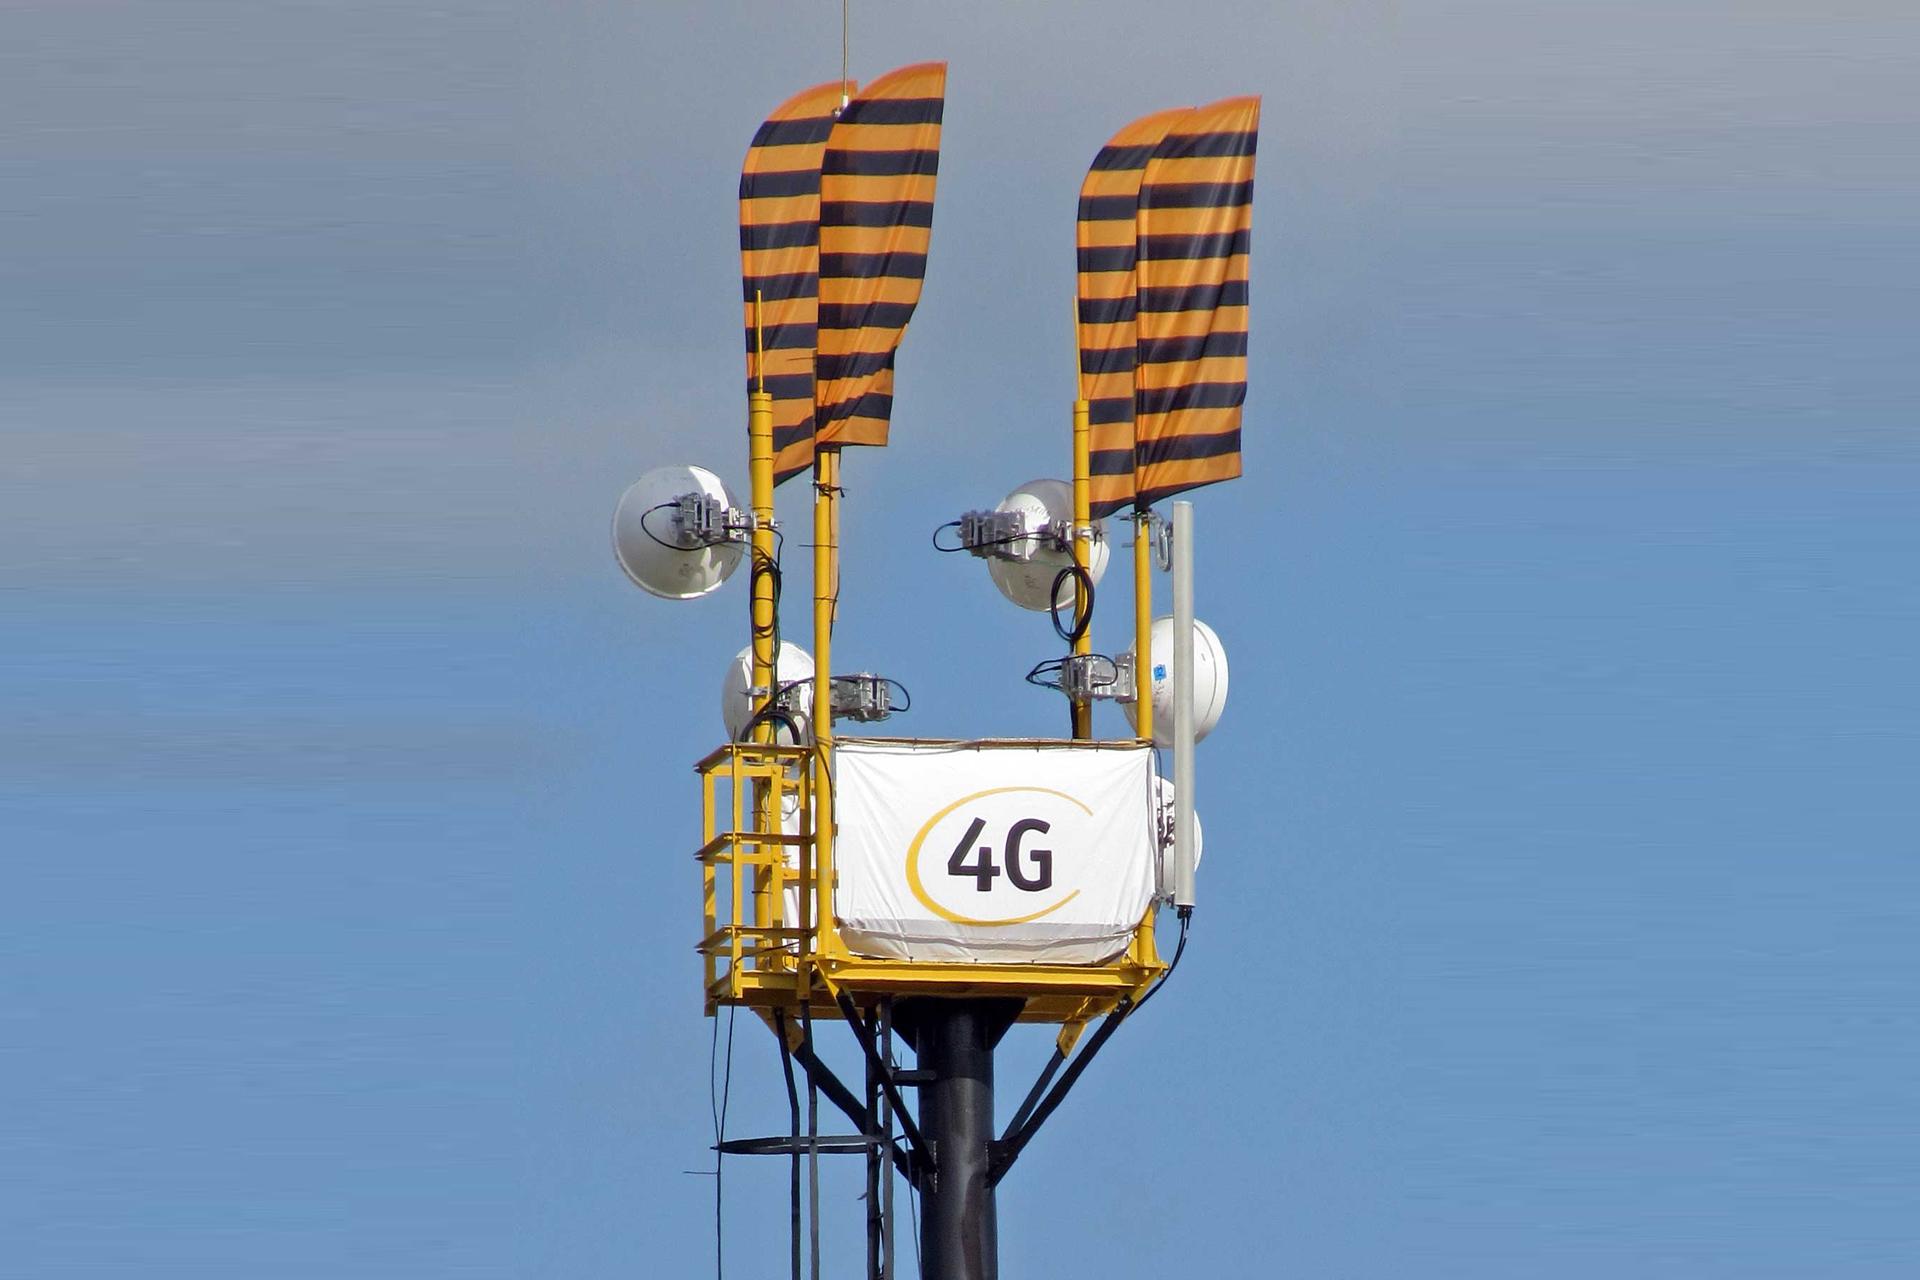 «ВымпелКом» решил сэкономить на обслуживании своей сети сотовой связи